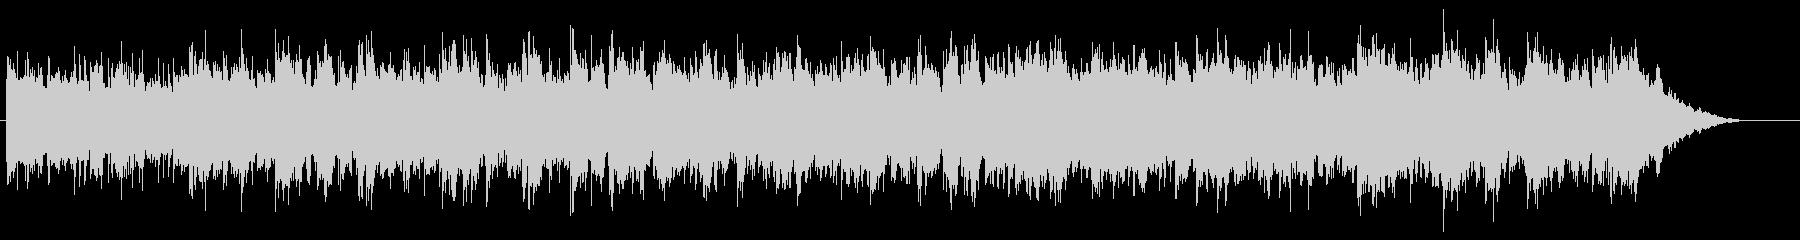 ニューエイジ風ピアノ・オリエンテッドの未再生の波形